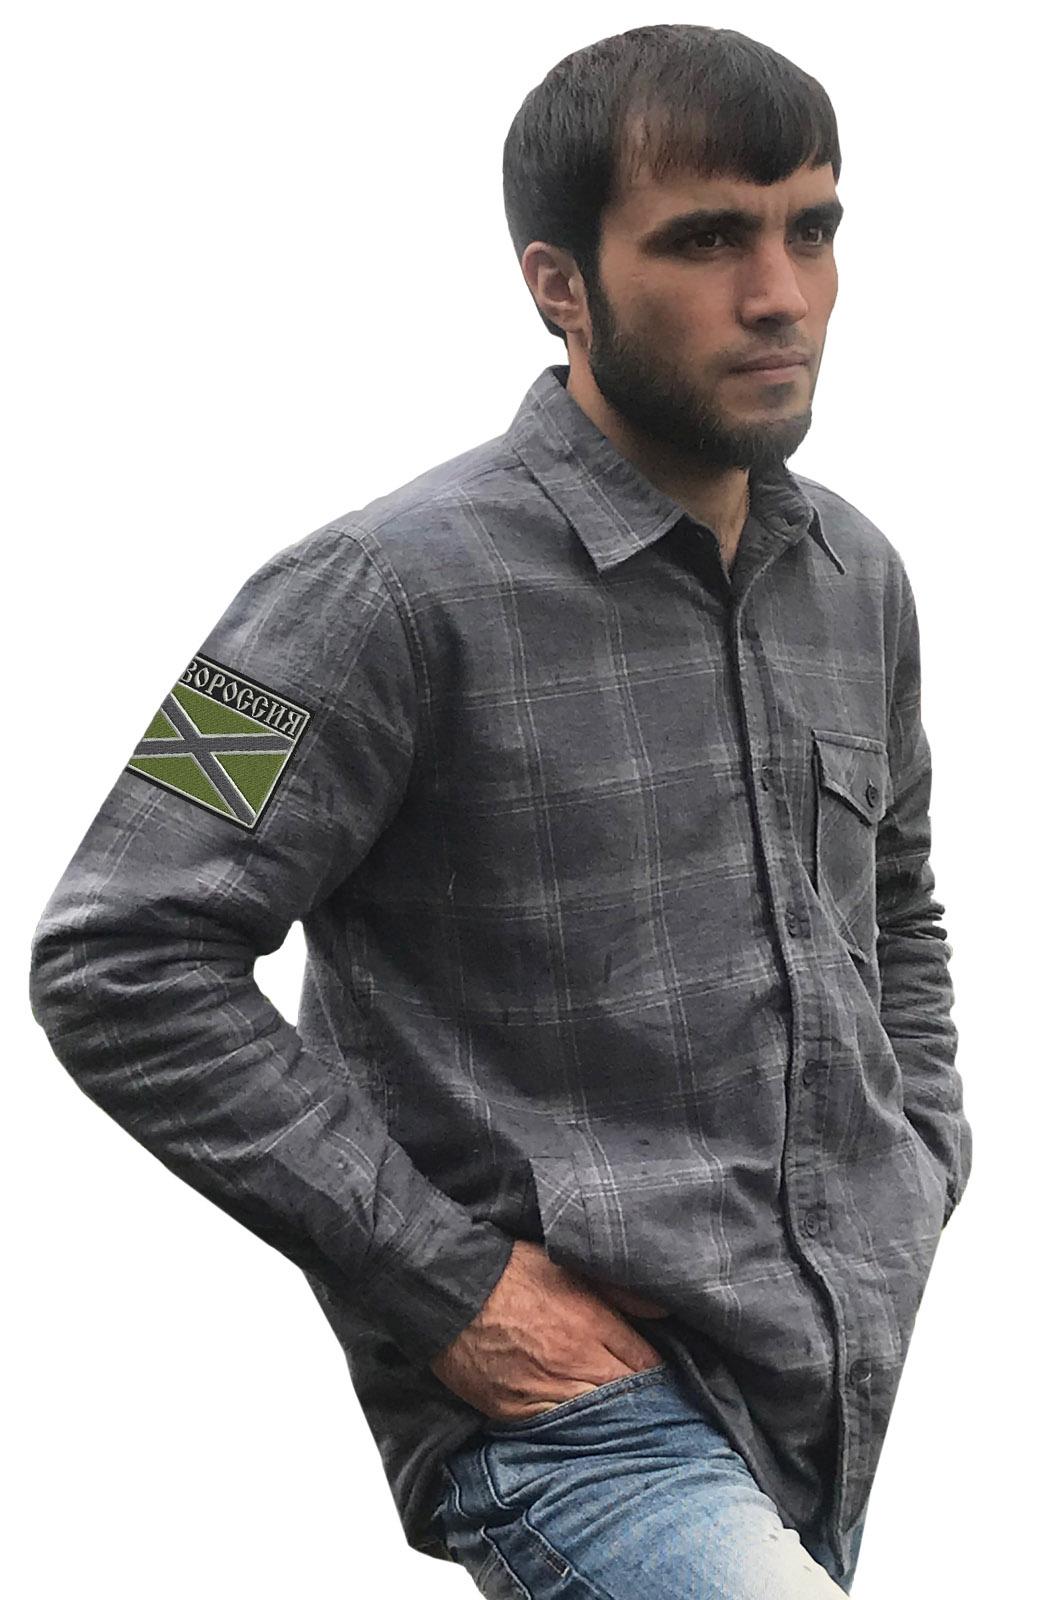 Теплая рубашка с вышитым полевым шевроном Новороссия